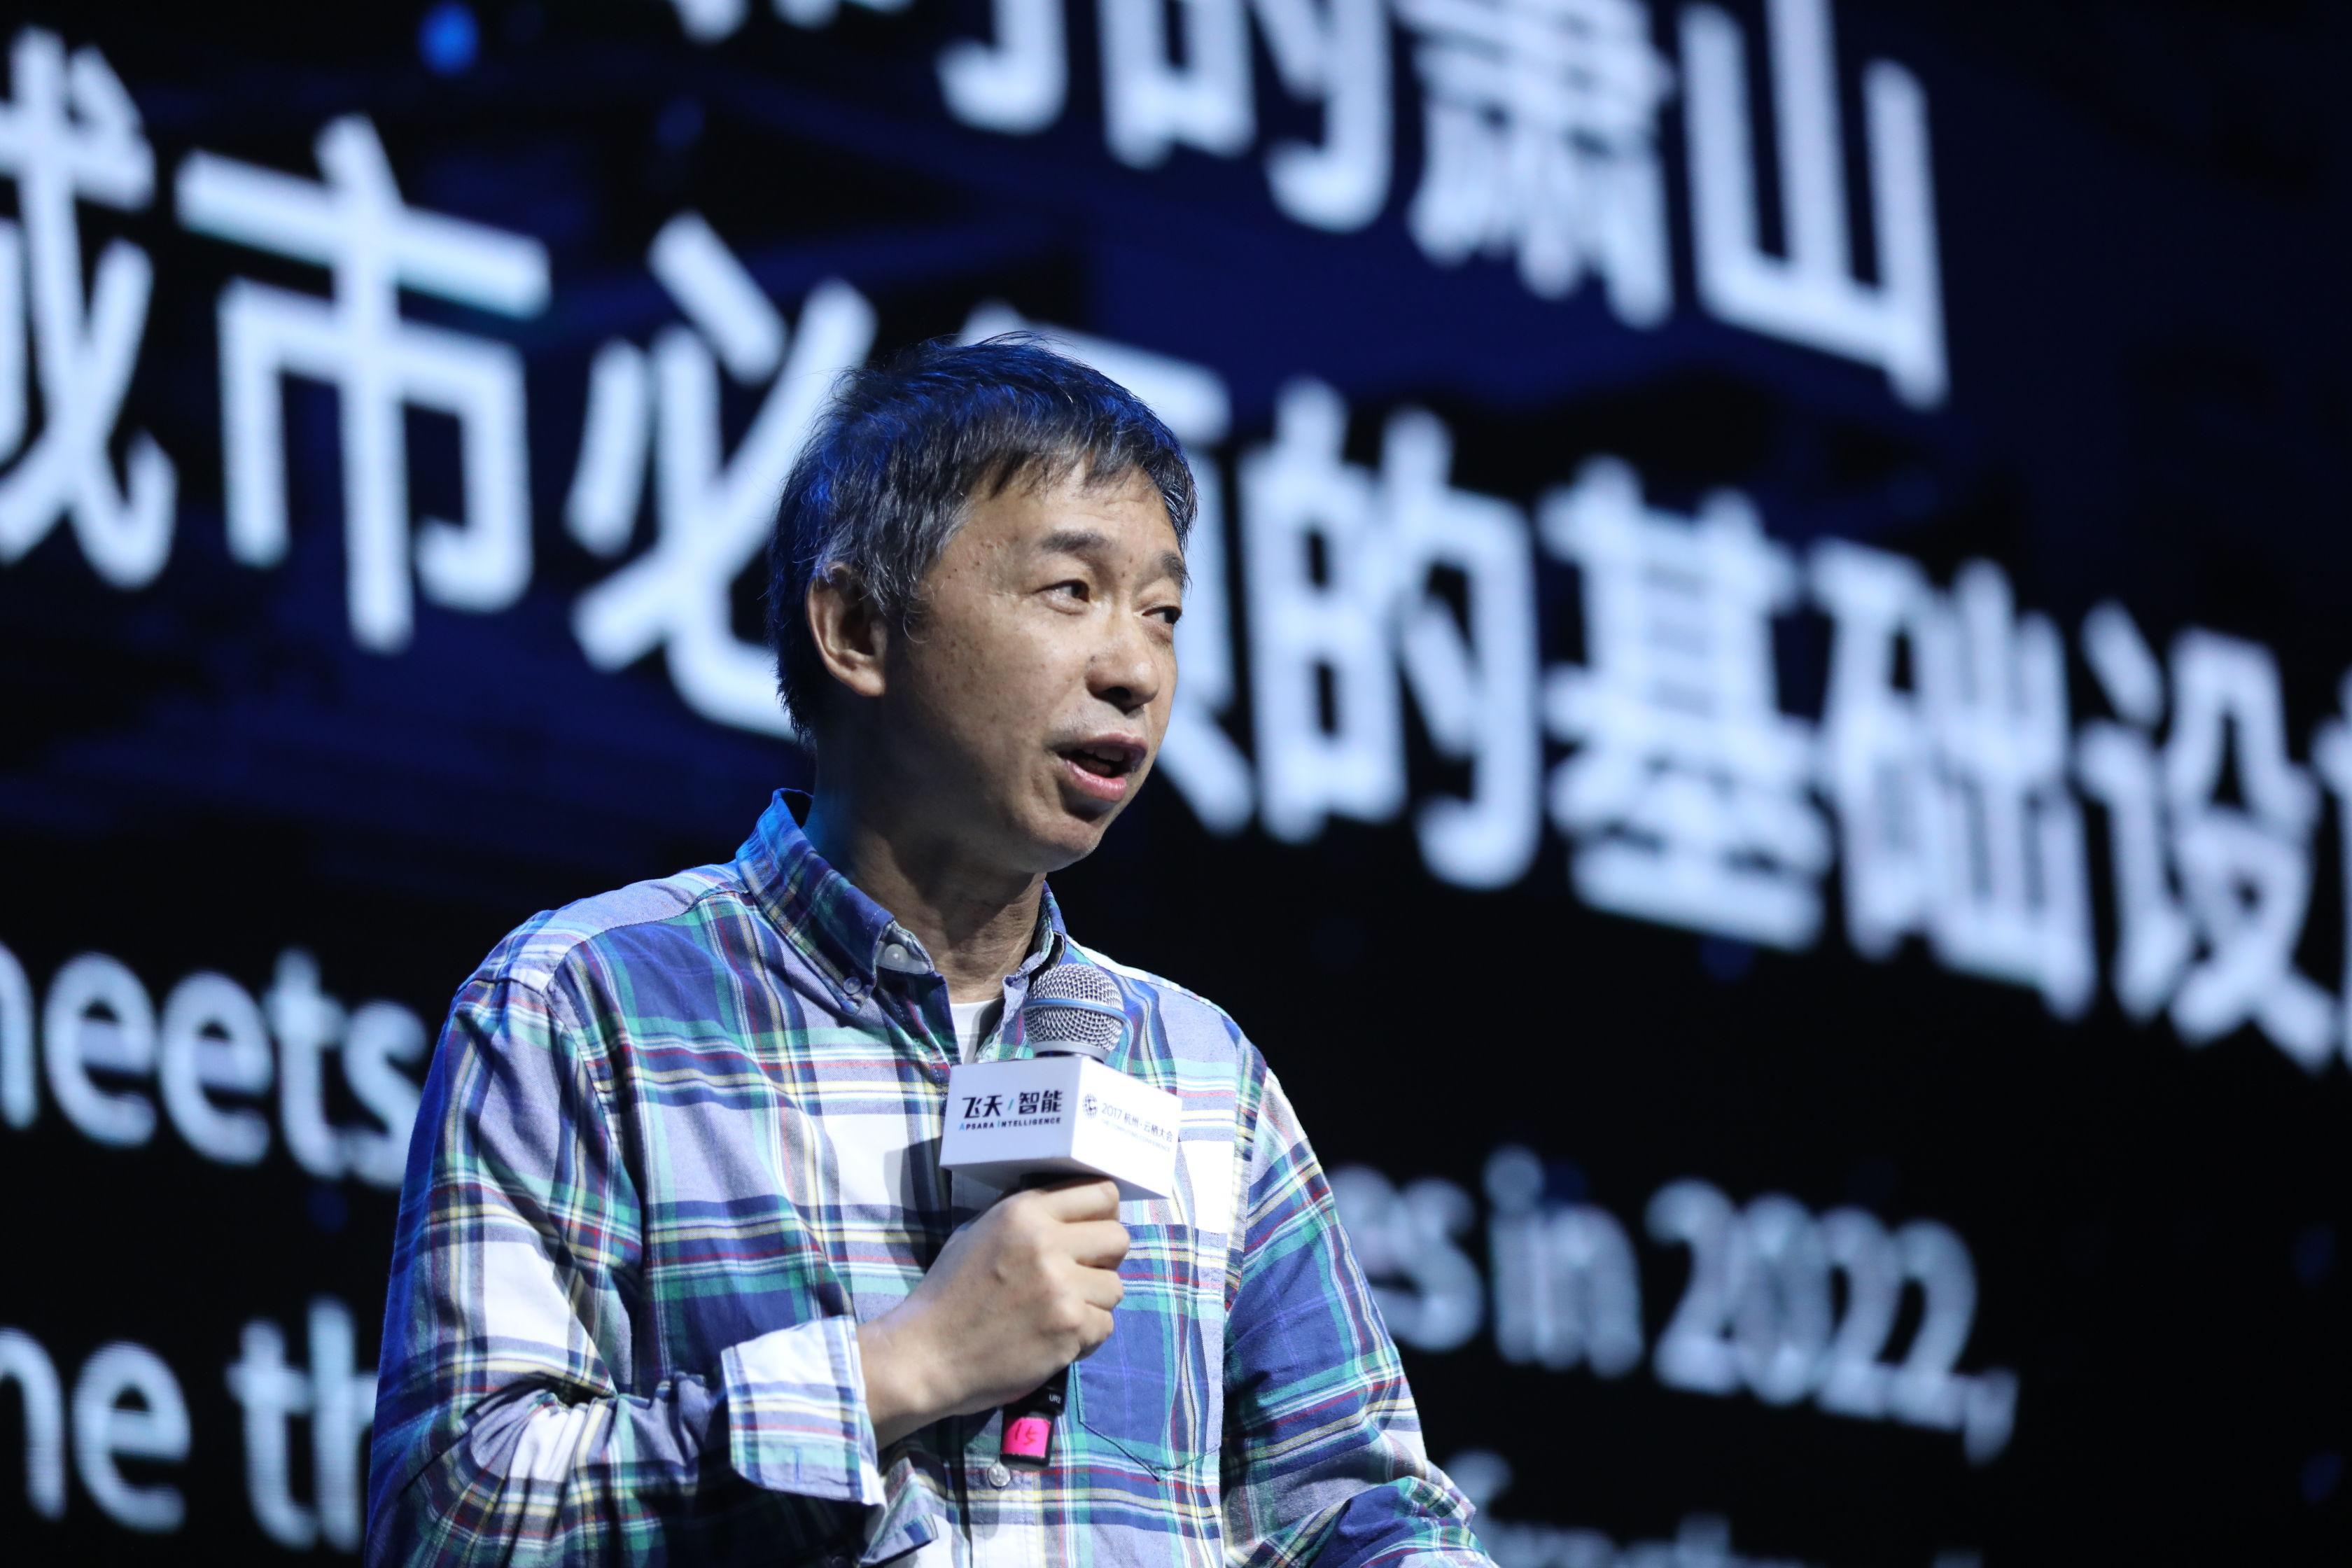 阿里城市大脑1.0发布 接管杭州128个信号灯路口